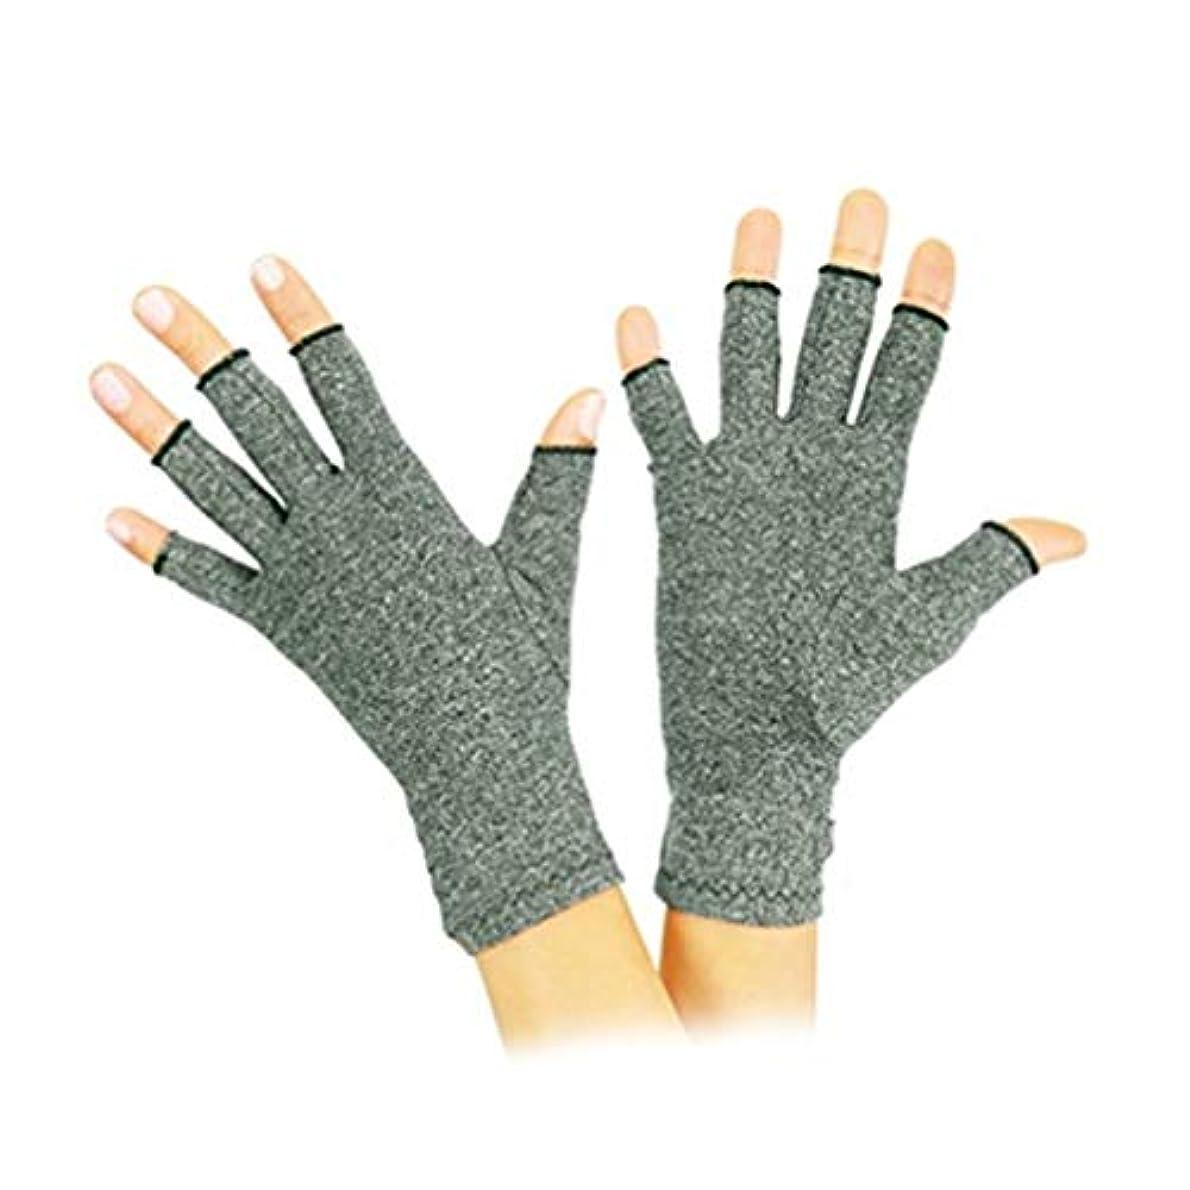 調和十分ですピッチャー関節リウマチリウマチ性変形性関節症用手袋圧縮手袋コンピュータ入力用痛み緩和